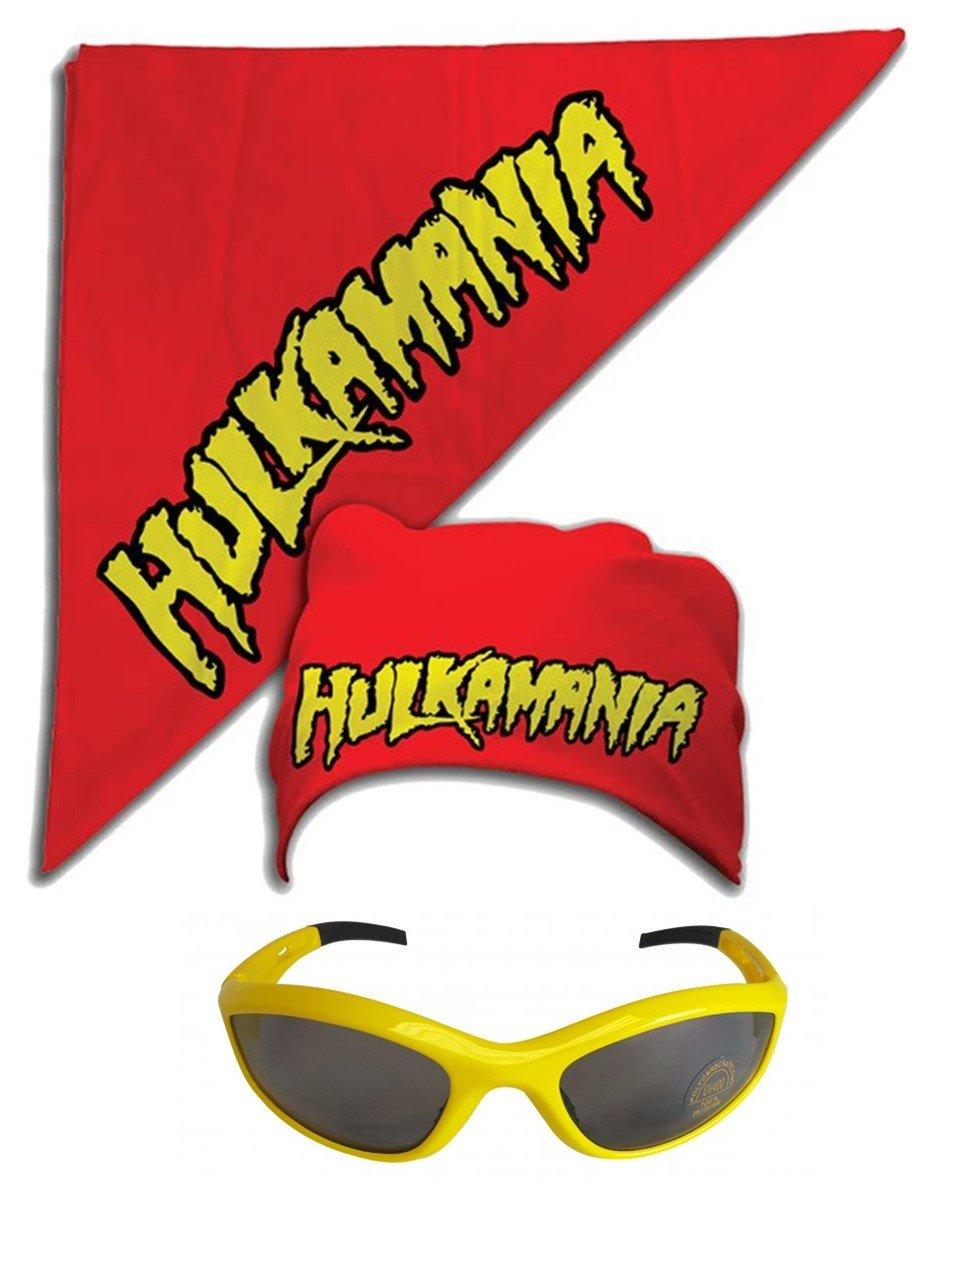 Hulk Hogan Hulkamania Bandana Sunglasses Costume -Red-Yellow by TNA